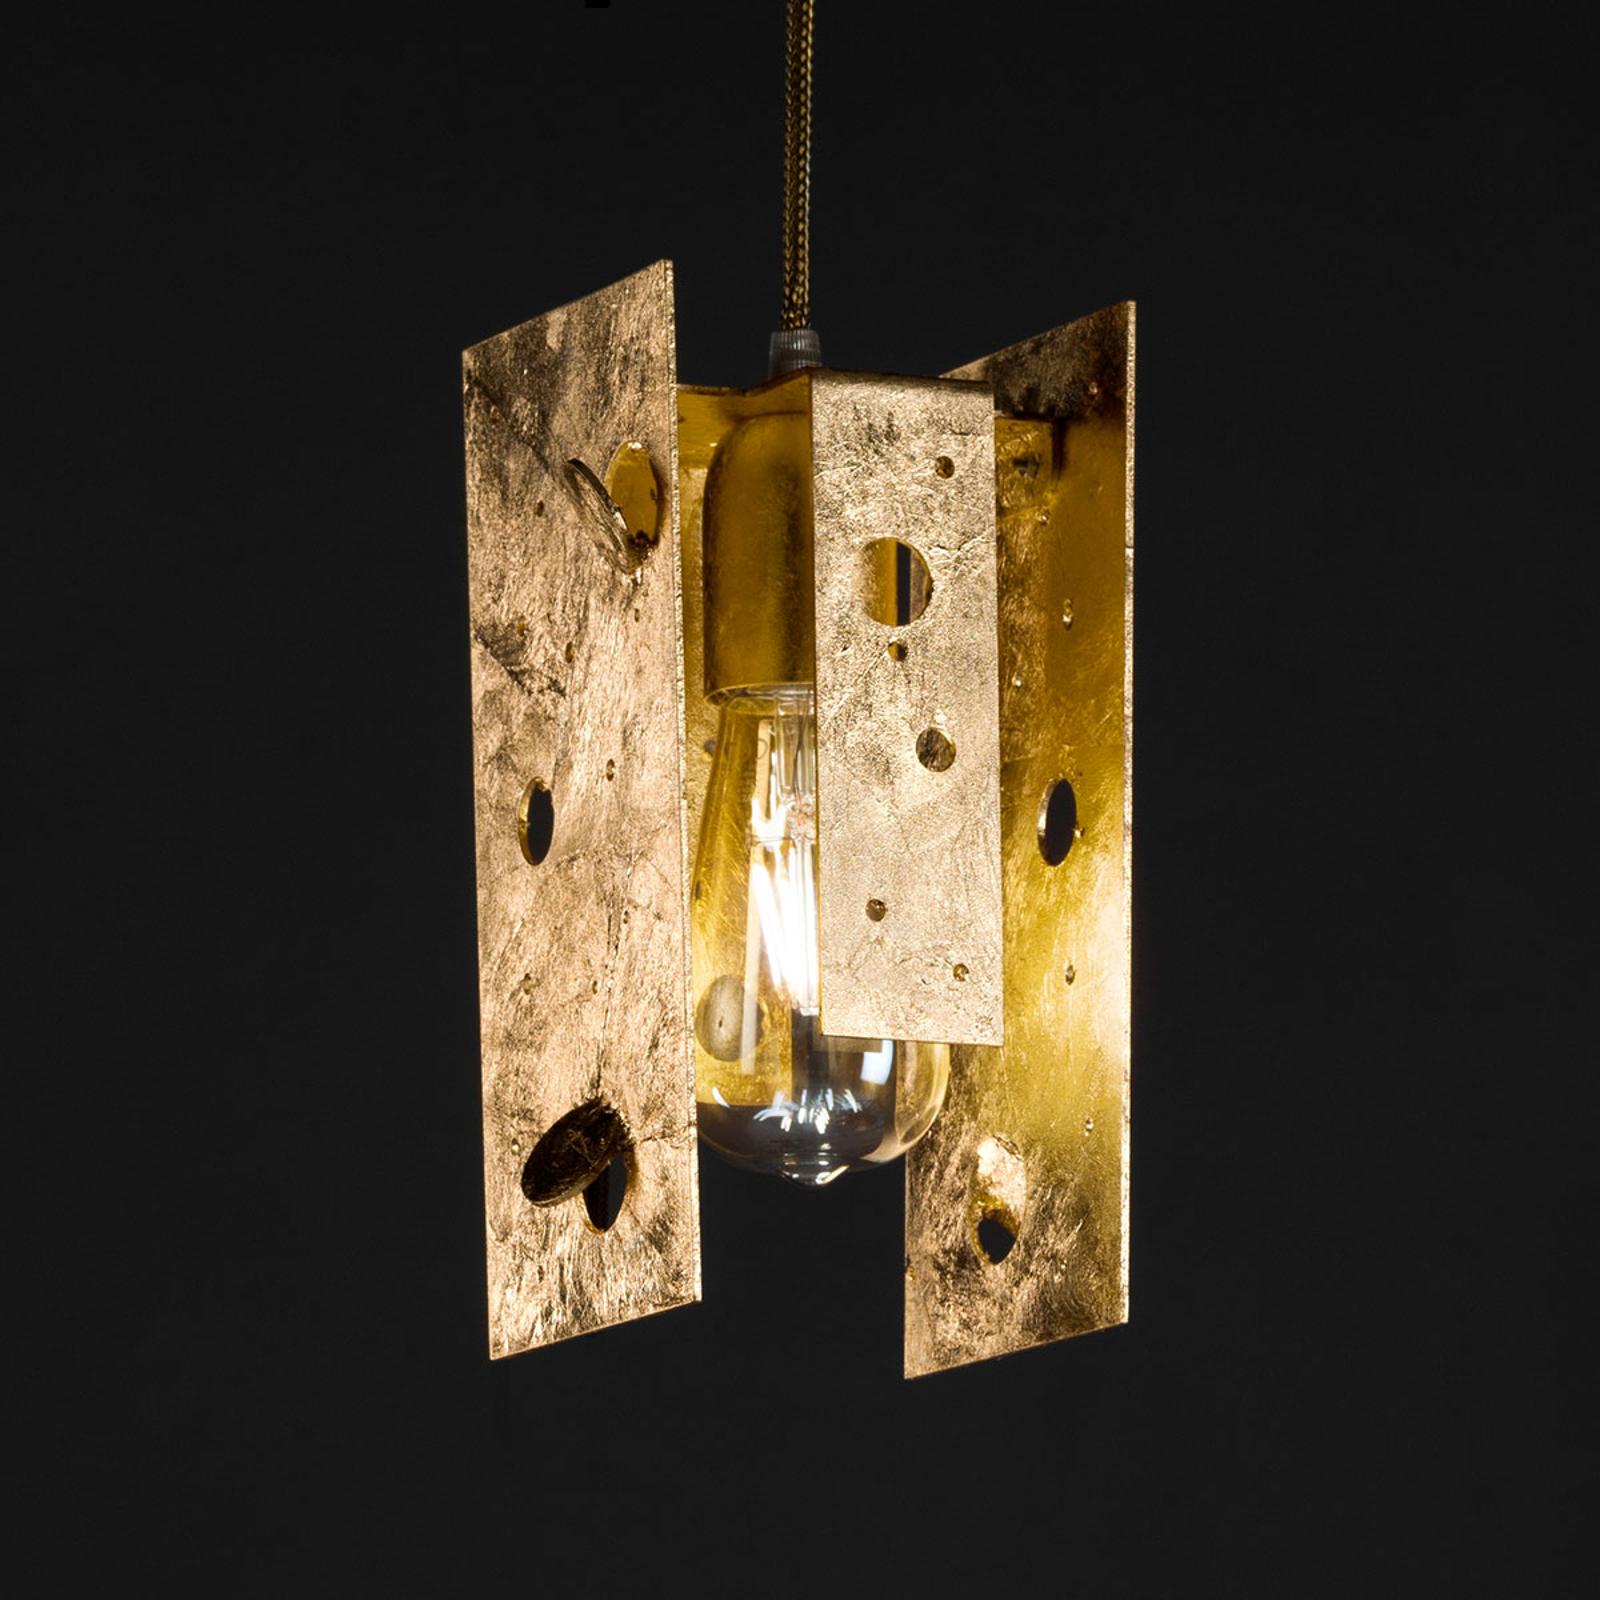 Knikerboker Buchi Hängelampe 11x11x23cm gold